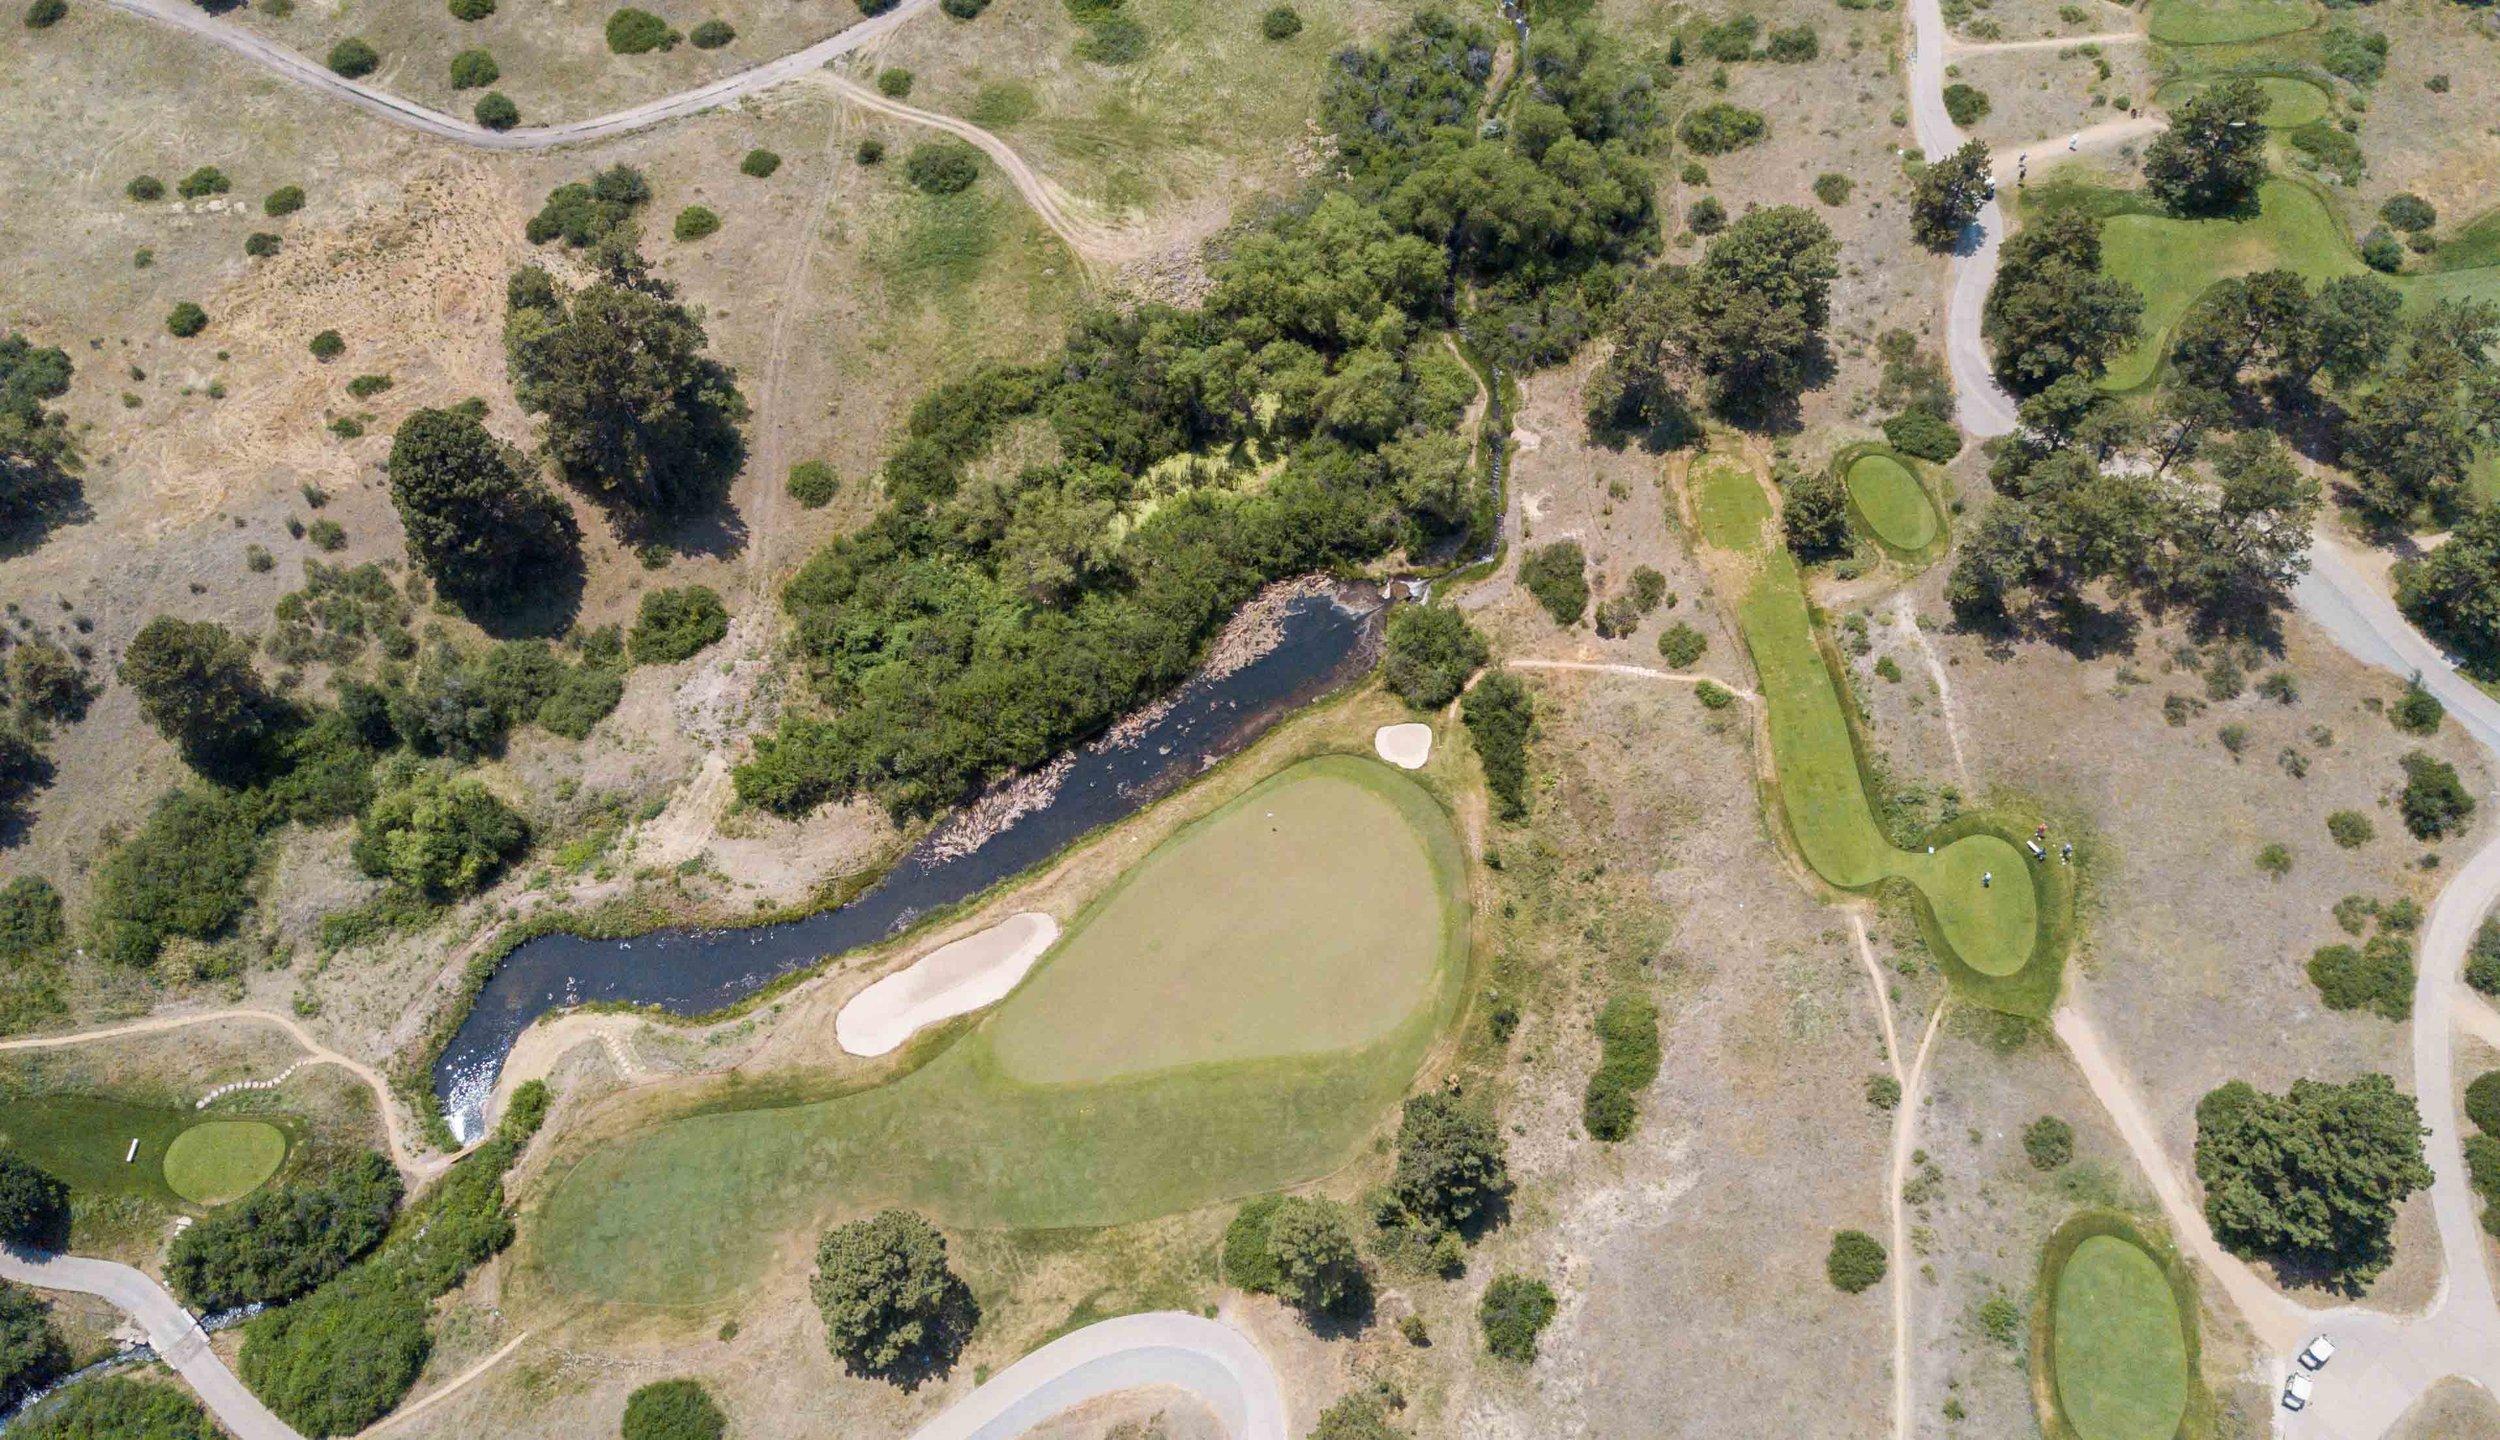 Colorado Golf Club1-13.jpg